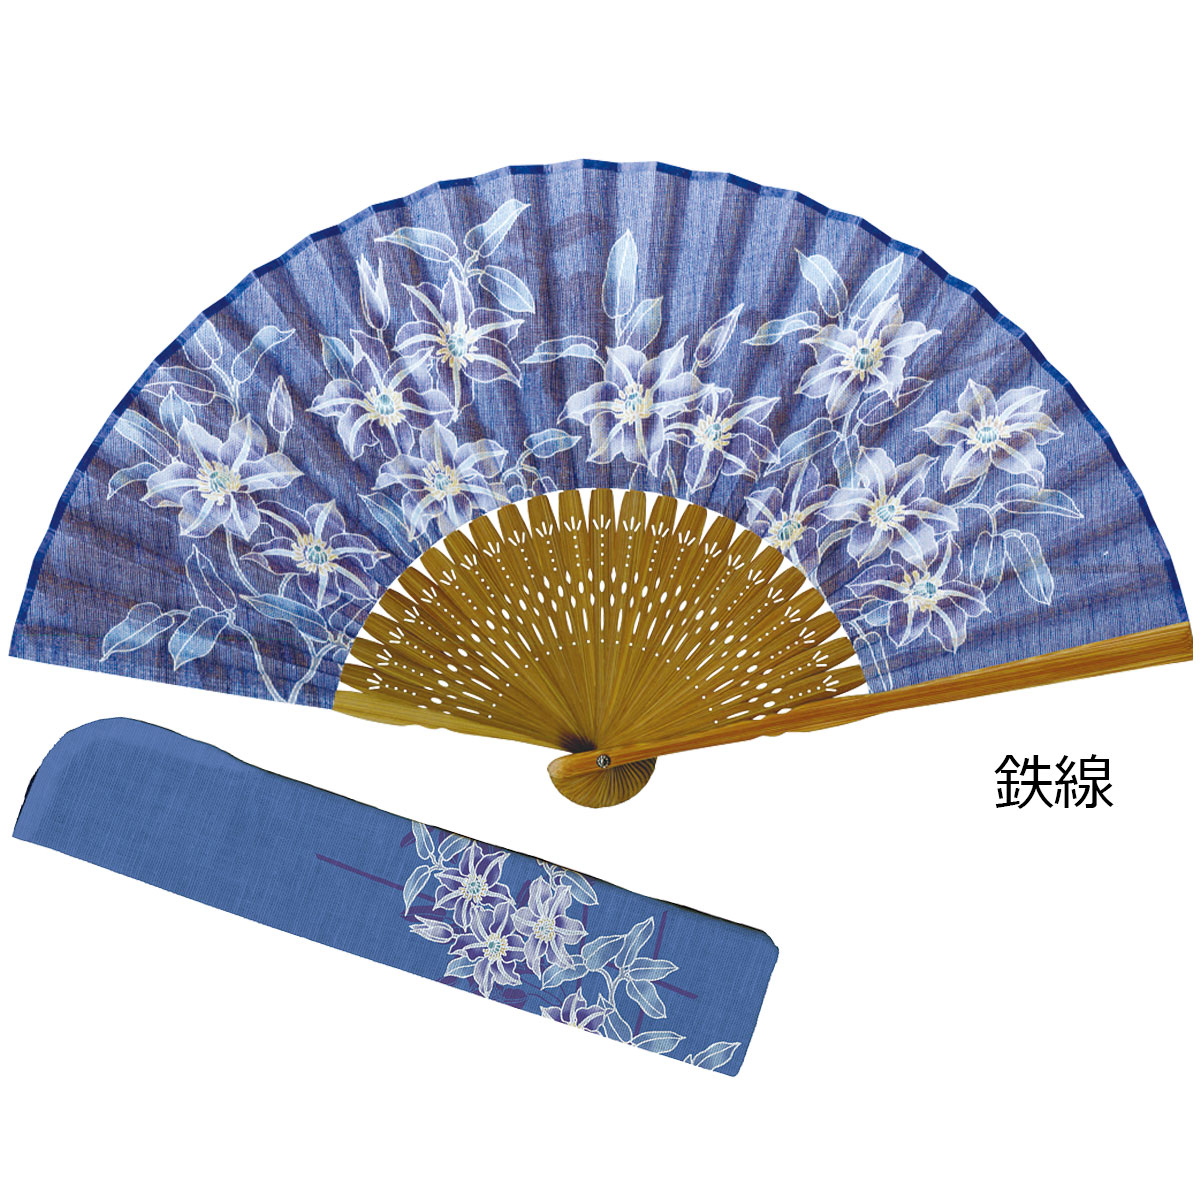 藍の彩り扇子 同柄差し袋セット